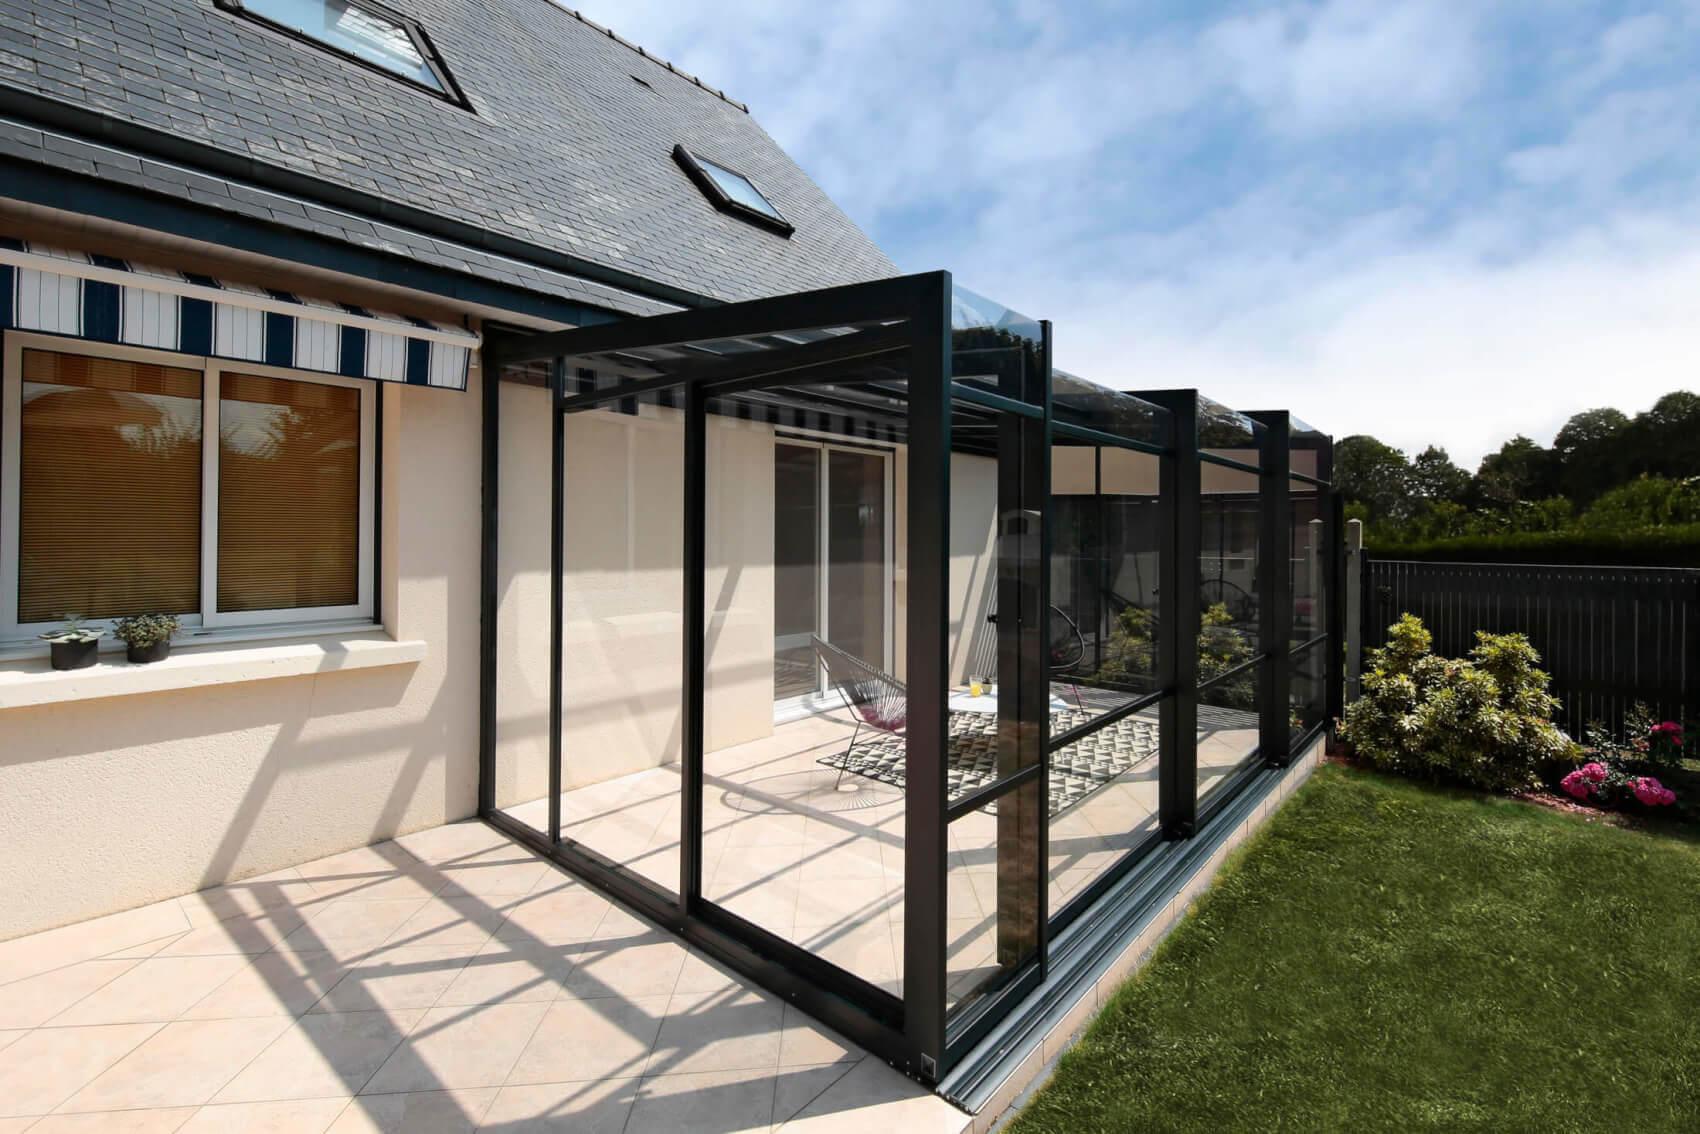 Abri Terrasse Aluminium - Modèles Coulissants ... encequiconcerne Abri Pour Terrasse